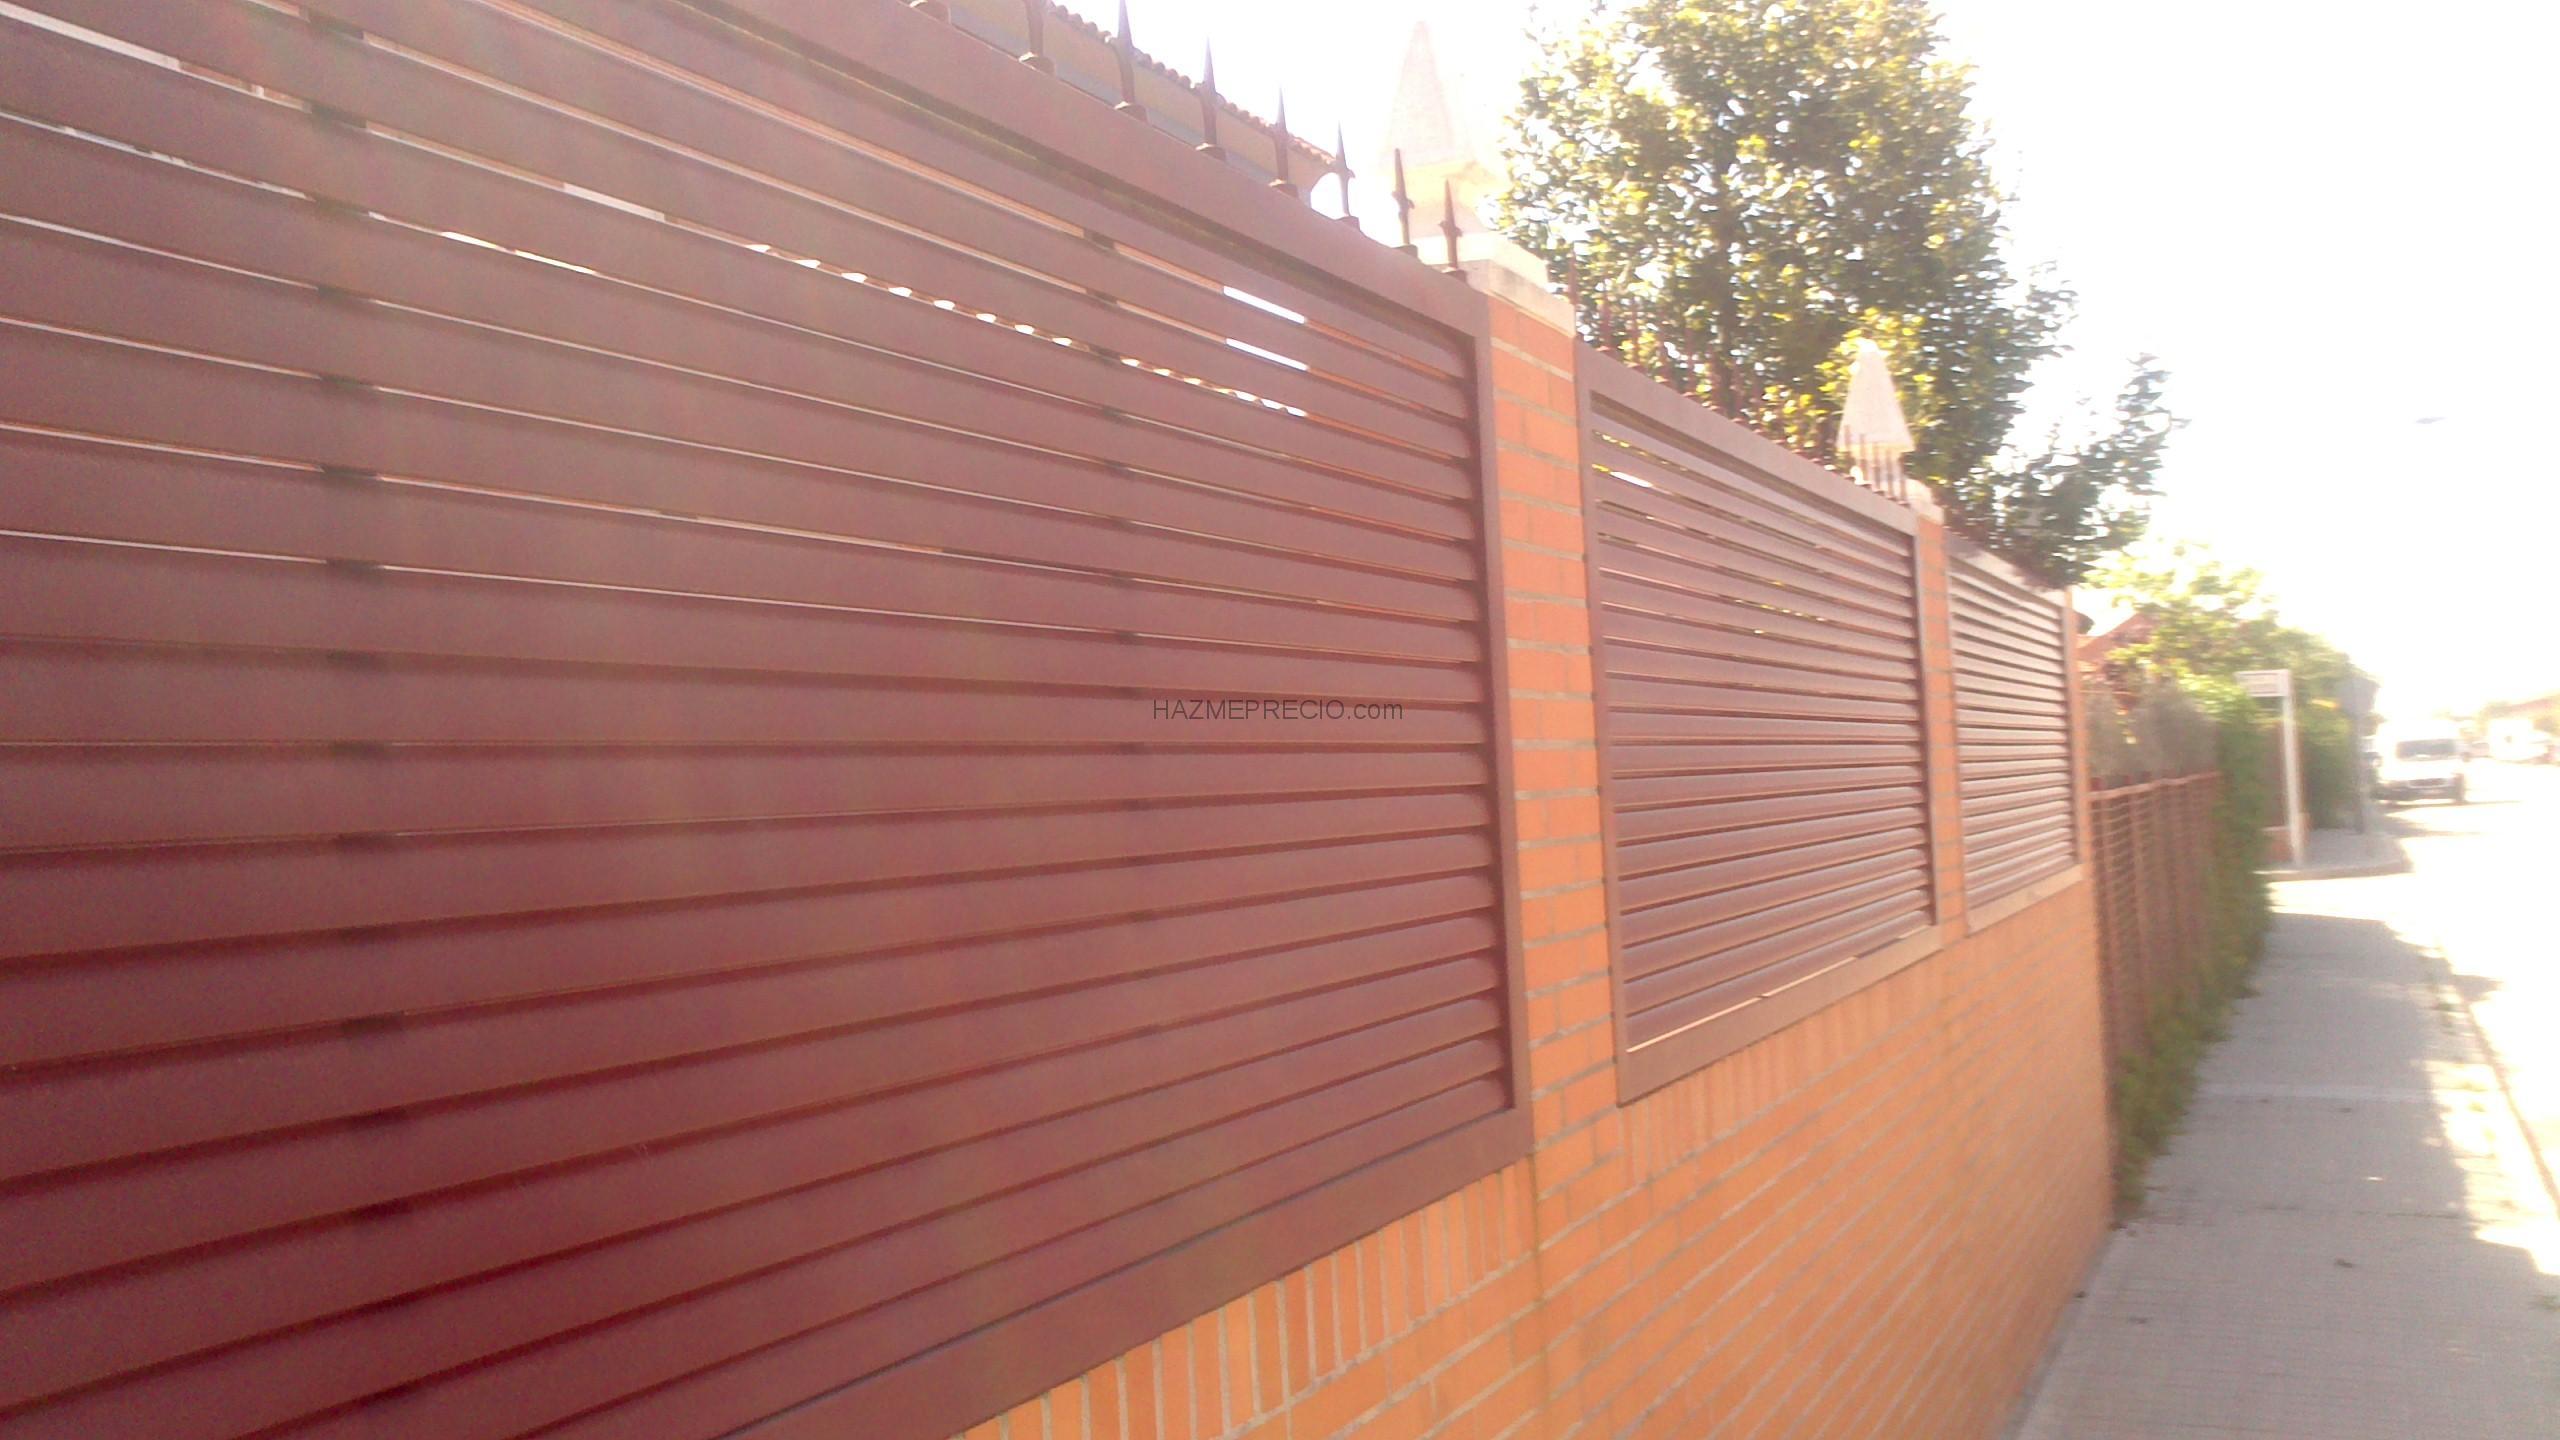 Presupuesto para hacer cerramiento metalico de lamas - Cerramientos de parcelas ...